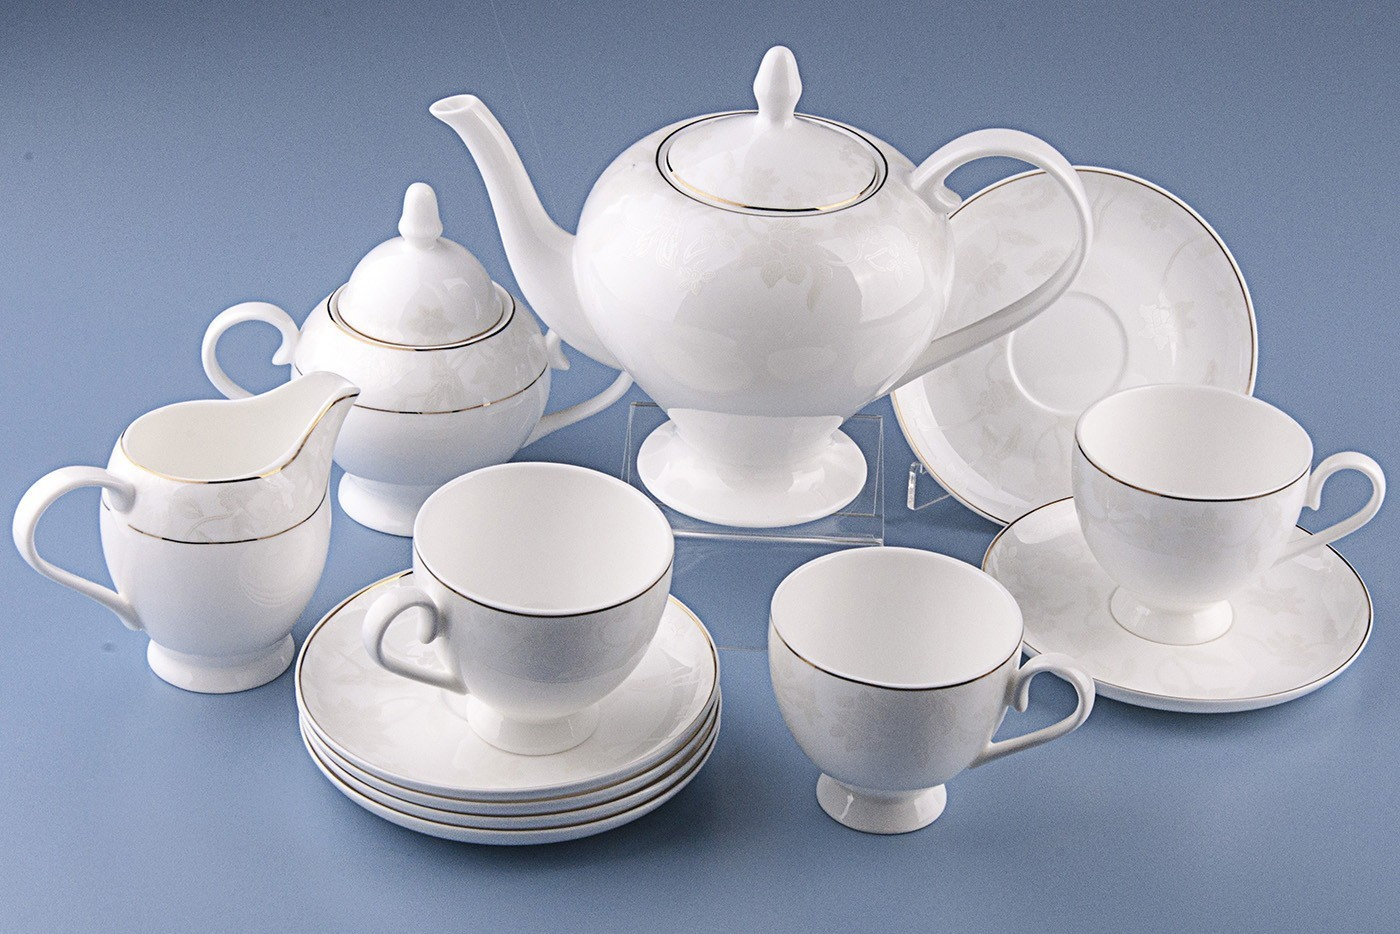 Чайный сервиз Royal Aurel Белый лотос арт.109, 15 предметовЧайные сервизы<br>Чайный сервиз Royal Aurel Белый лотос арт.109, 15 предметов<br><br><br><br><br><br><br><br><br><br><br>Чашка 270 мл,6 шт.<br>Блюдце 15 см,6 шт.<br>Чайник 1100 мл<br>Сахарница 370 мл<br><br><br><br><br><br><br><br><br>Молочник 300 мл<br><br><br><br><br><br><br><br><br>Производить посуду из фарфора начали в Китае на стыке 6-7 веков. Неустанно совершенствуя и селективно отбирая сырье для производства посуды из фарфора, мастерам удалось добиться выдающихся характеристик фарфора: белизны и тонкостенности. В XV веке появился особый интерес к китайской фарфоровой посуде, так как в это время Европе возникла мода на самобытные китайские вещи. Роскошный китайский фарфор являлся изыском и был в новинку, поэтому он выступал в качестве подарка королям, а также знатным людям. Такой дорогой подарок был очень престижен и по праву являлся элитной посудой. Как известно из многочисленных исторических документов, в Европе китайские изделия из фарфора ценились практически как золото. <br>Проверка изделий из костяного фарфора на подлинность <br>По сравнению с производством других видов фарфора процесс производства изделий из настоящего костяного фарфора сложен и весьма длителен. Посуда из изящного фарфора - это элитная посуда, которая всегда ассоциируется с богатством, величием и благородством. Несмотря на небольшую толщину, фарфоровая посуда - это очень прочное изделие. Для демонстрации плотности и прочности фарфора можно легко коснуться предметов посуды из фарфора деревянной палочкой, и тогда мы услушим характерный металлический звон. В составе фарфоровой посуды присутствует костяная зола, благодаря чему она может быть намного тоньше (не более 2,5 мм) и легче твердого или мягкого фарфора. Безупречная белизна - ключевой признак отличия такого фарфора от других. Цвет обычного фарфора сероватый или ближе к голубоватому, а костяной фарфор будет всегда будет молочно-белого цвета. Характерная и немаловажная деталь -